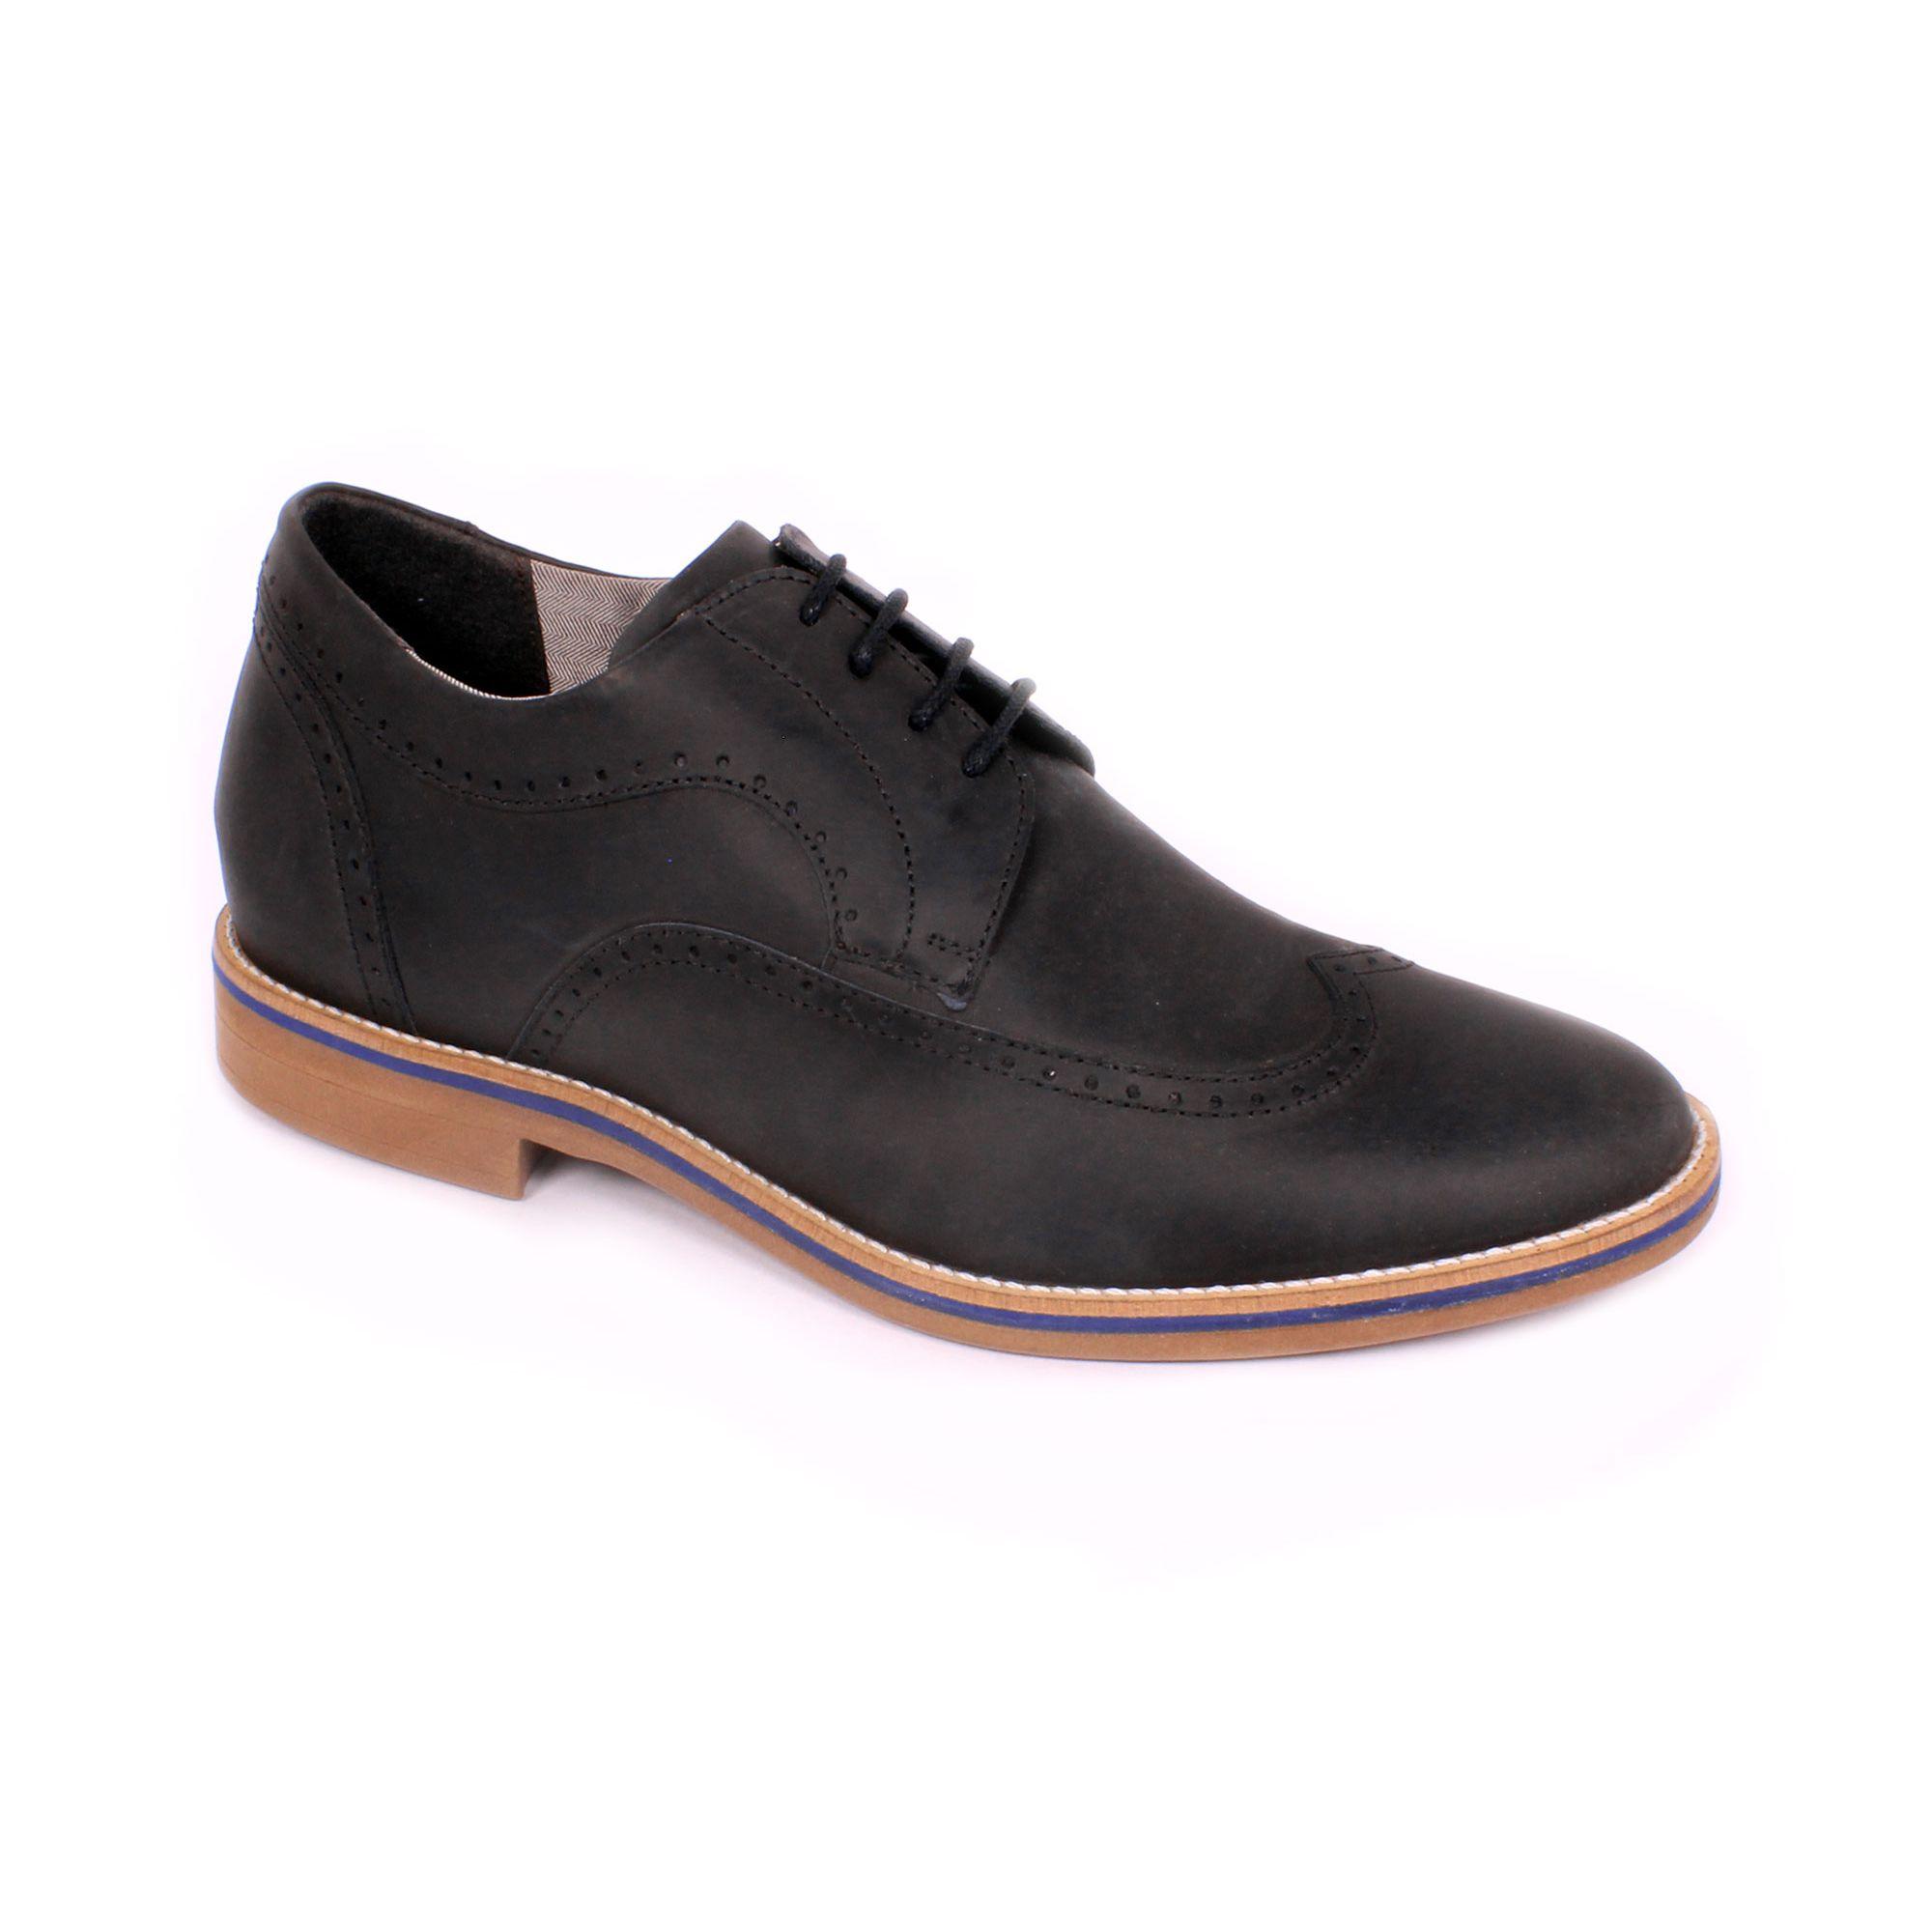 Zapato Casual Oxford Negro Max Denegri +7cm de Altura_70900